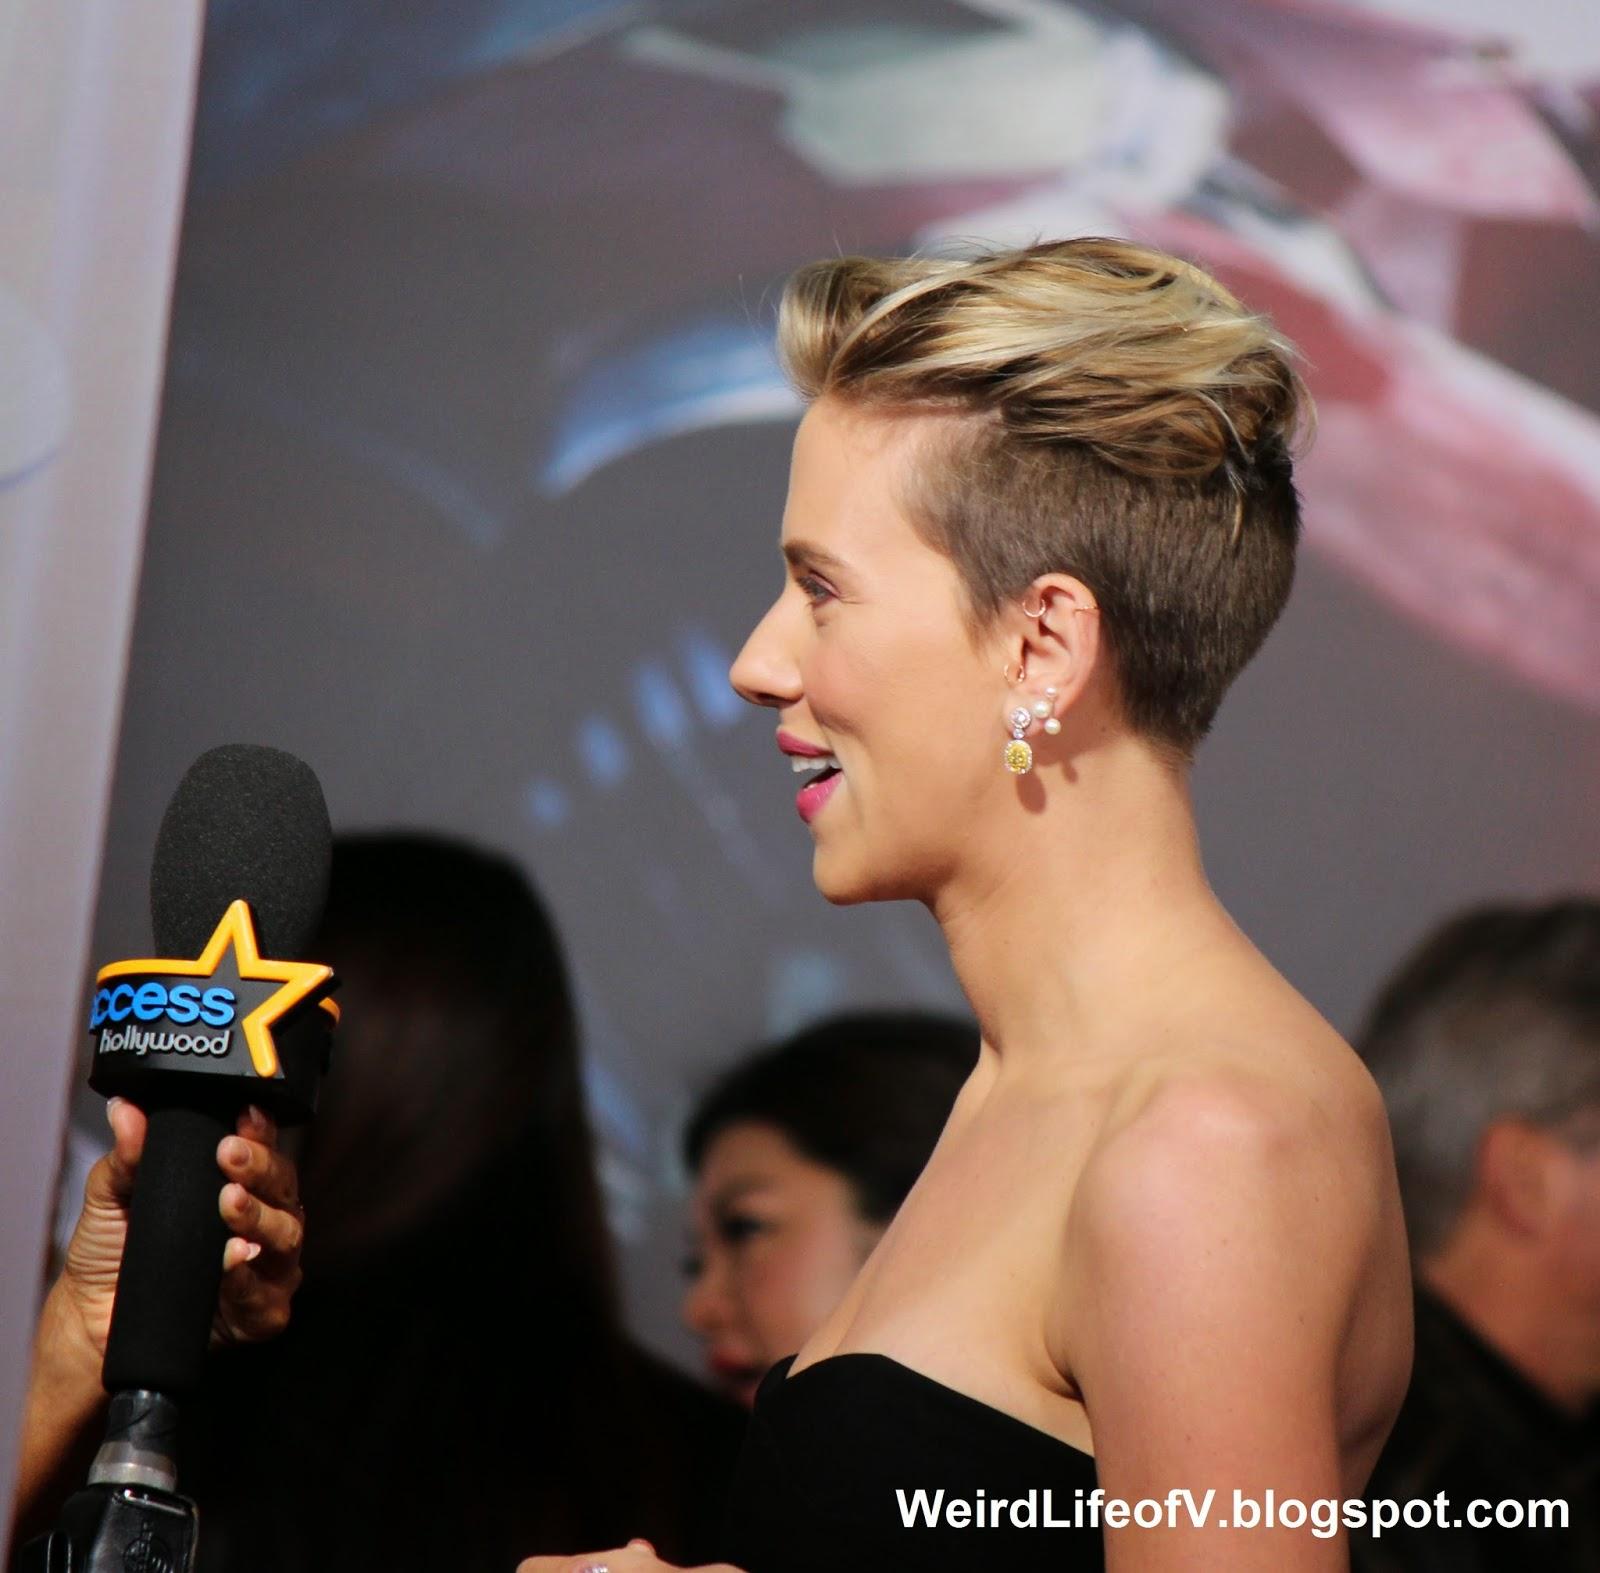 Scarlett Johanssen being interviewed by Access Hollywood